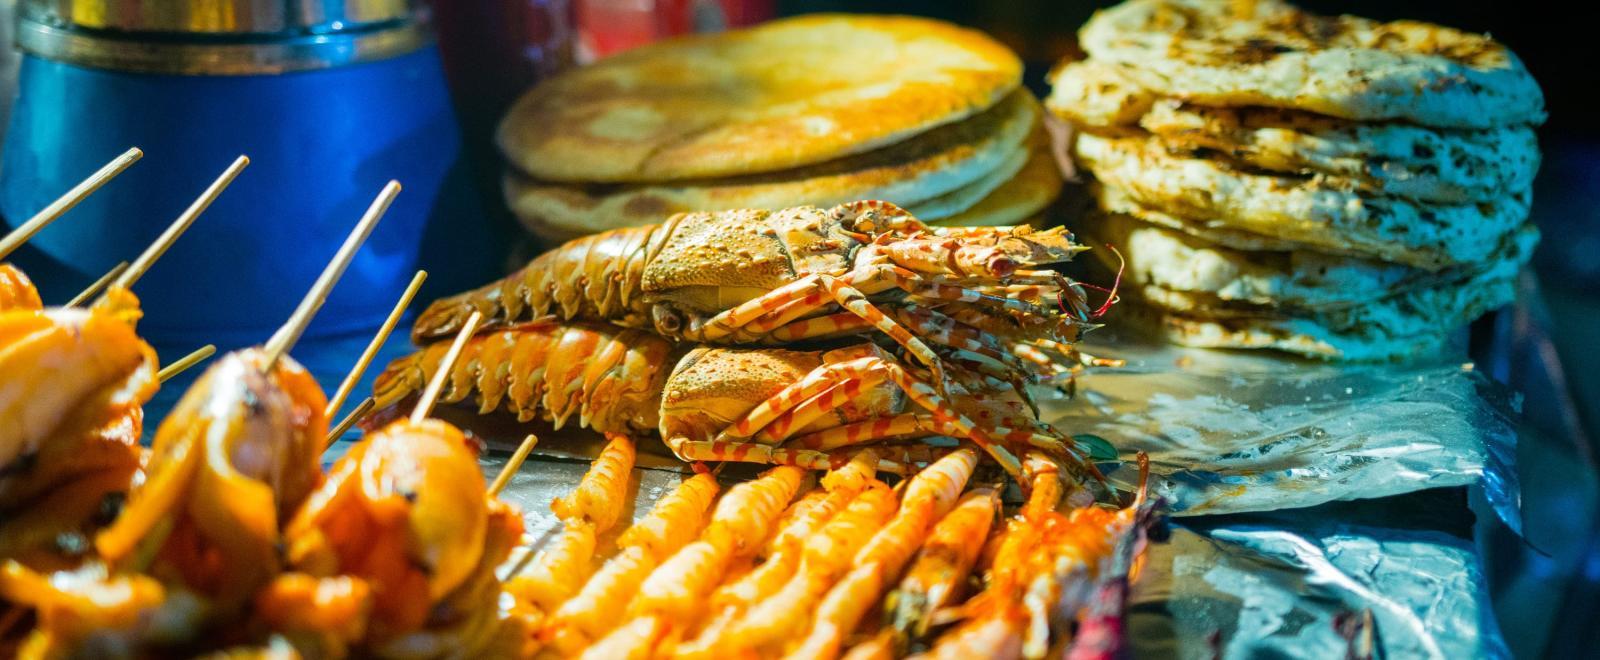 Puesto callejero de comida camboyana en un tour gastronómico.